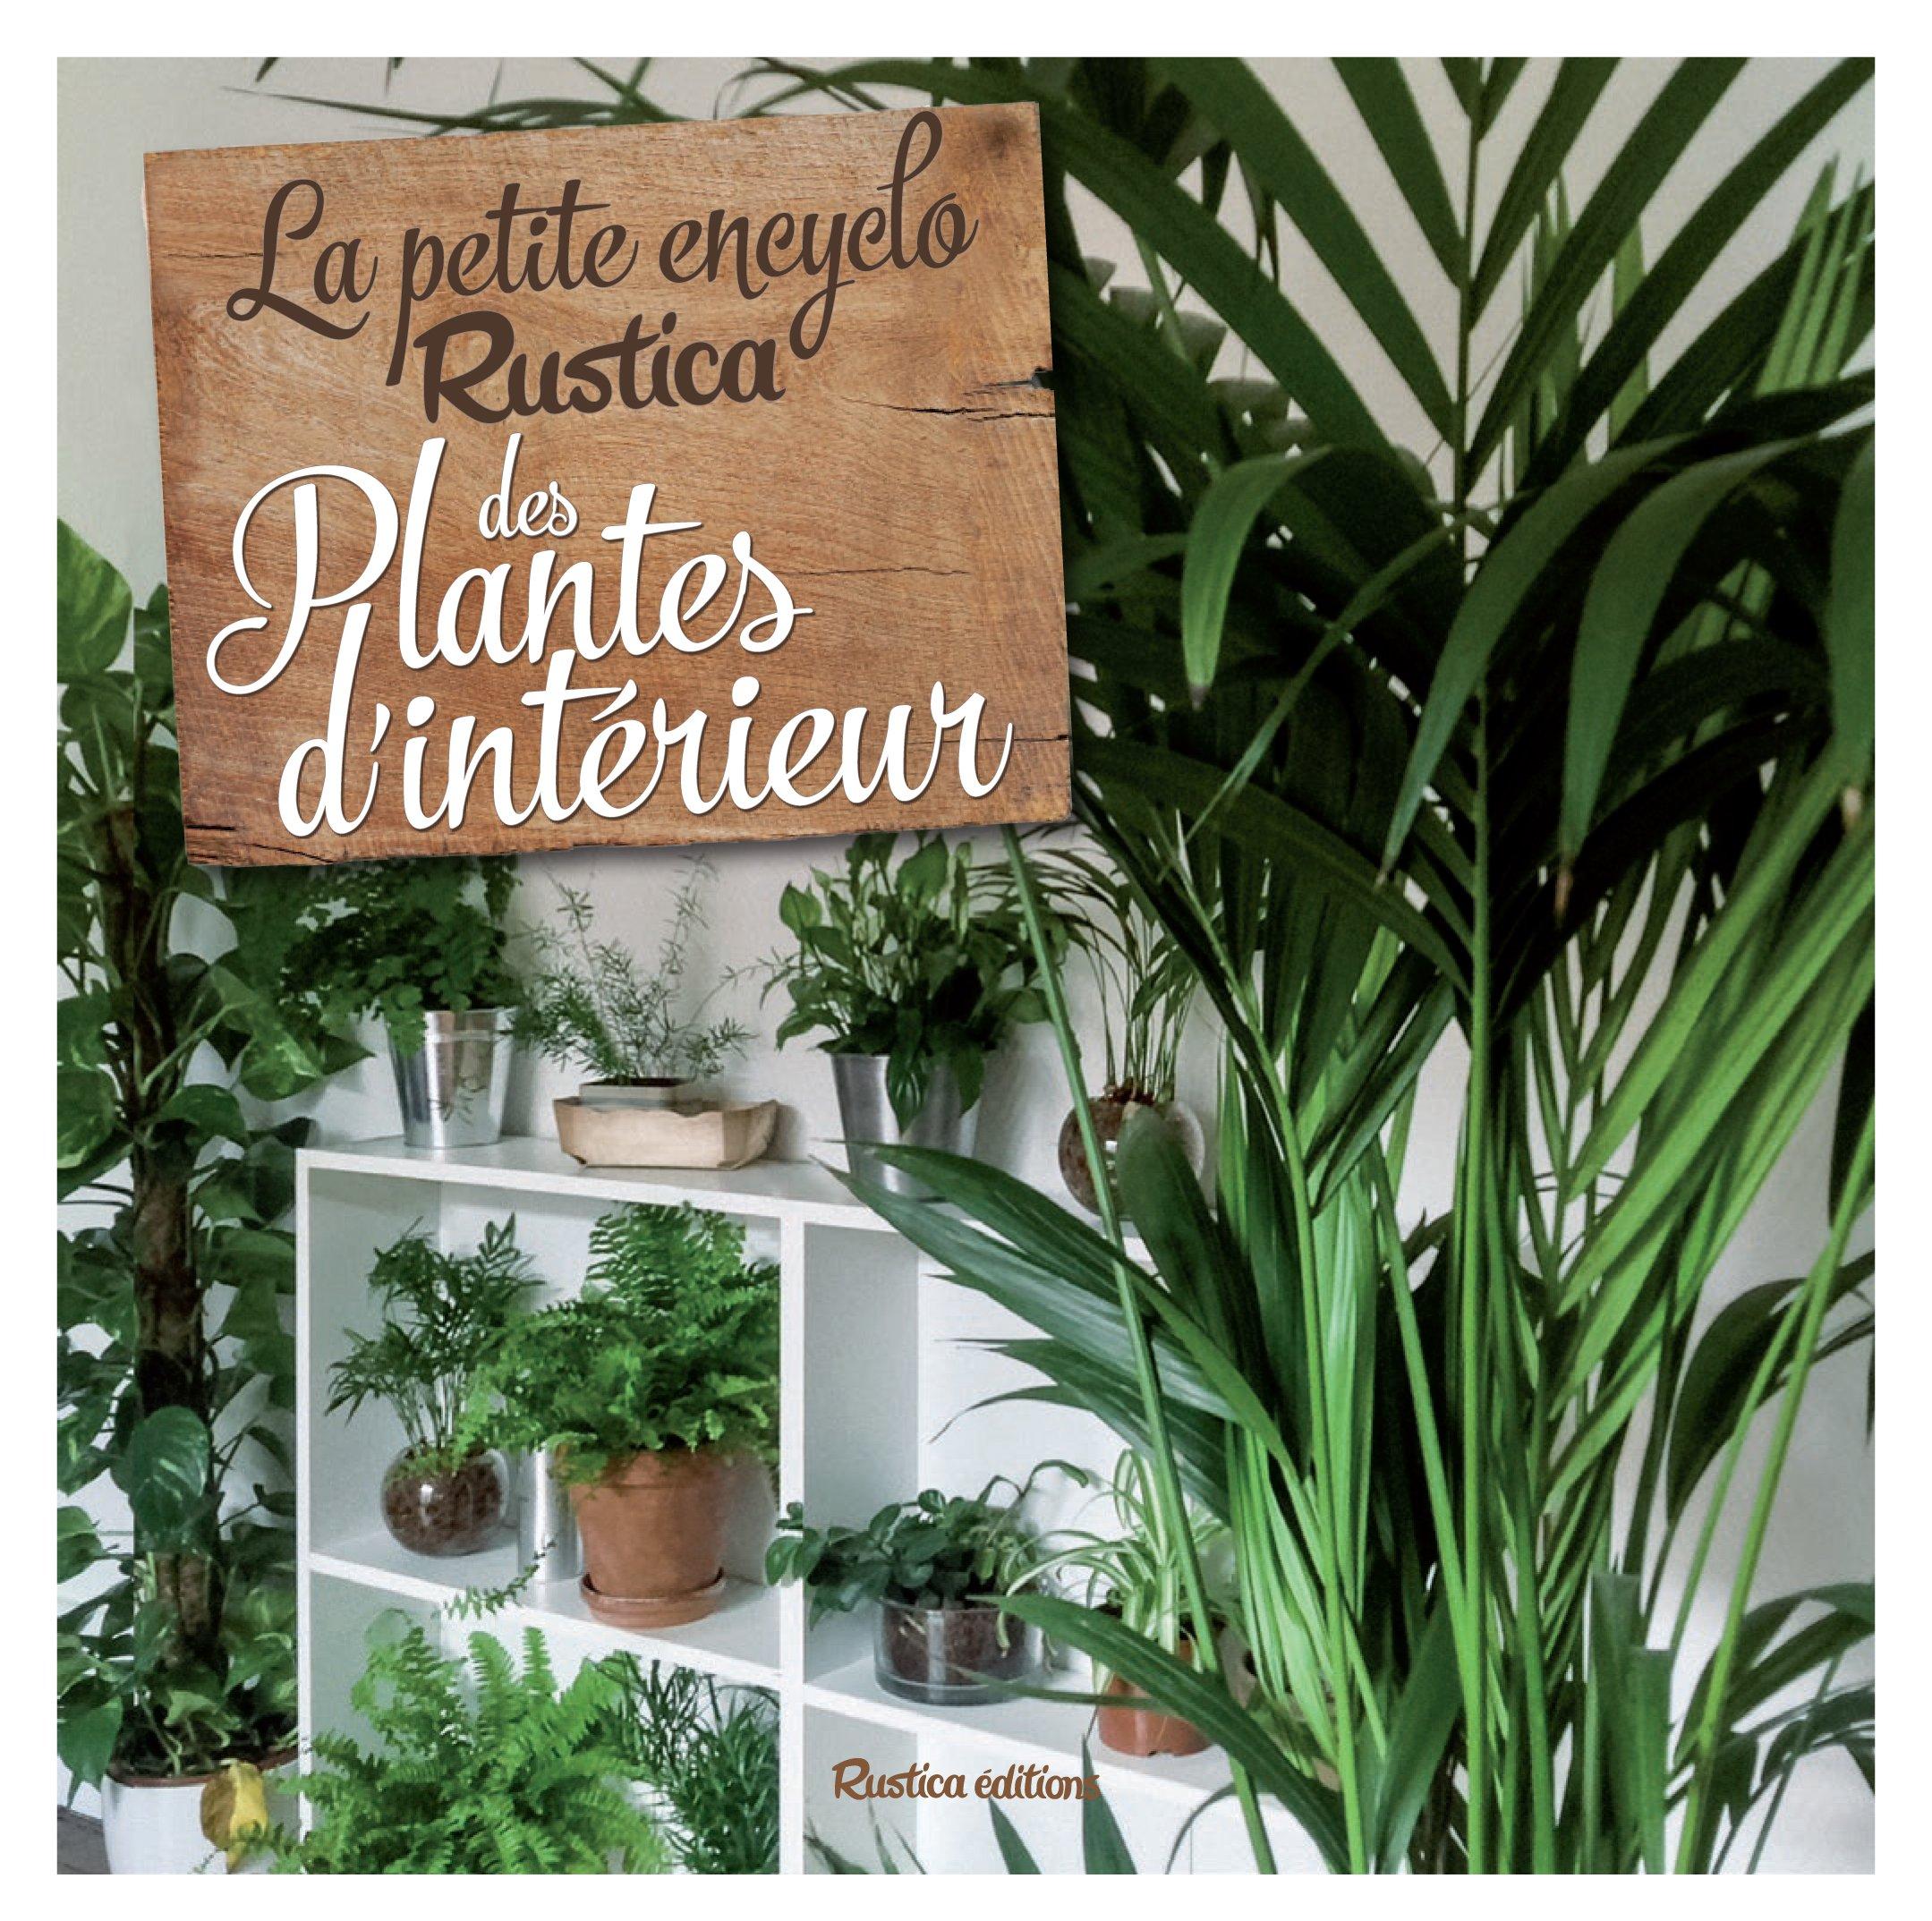 f25abd9ba708 Amazon.fr - La petite Encyclo Rustica des plantes d intérieur - Valérie  Garnaud - Livres